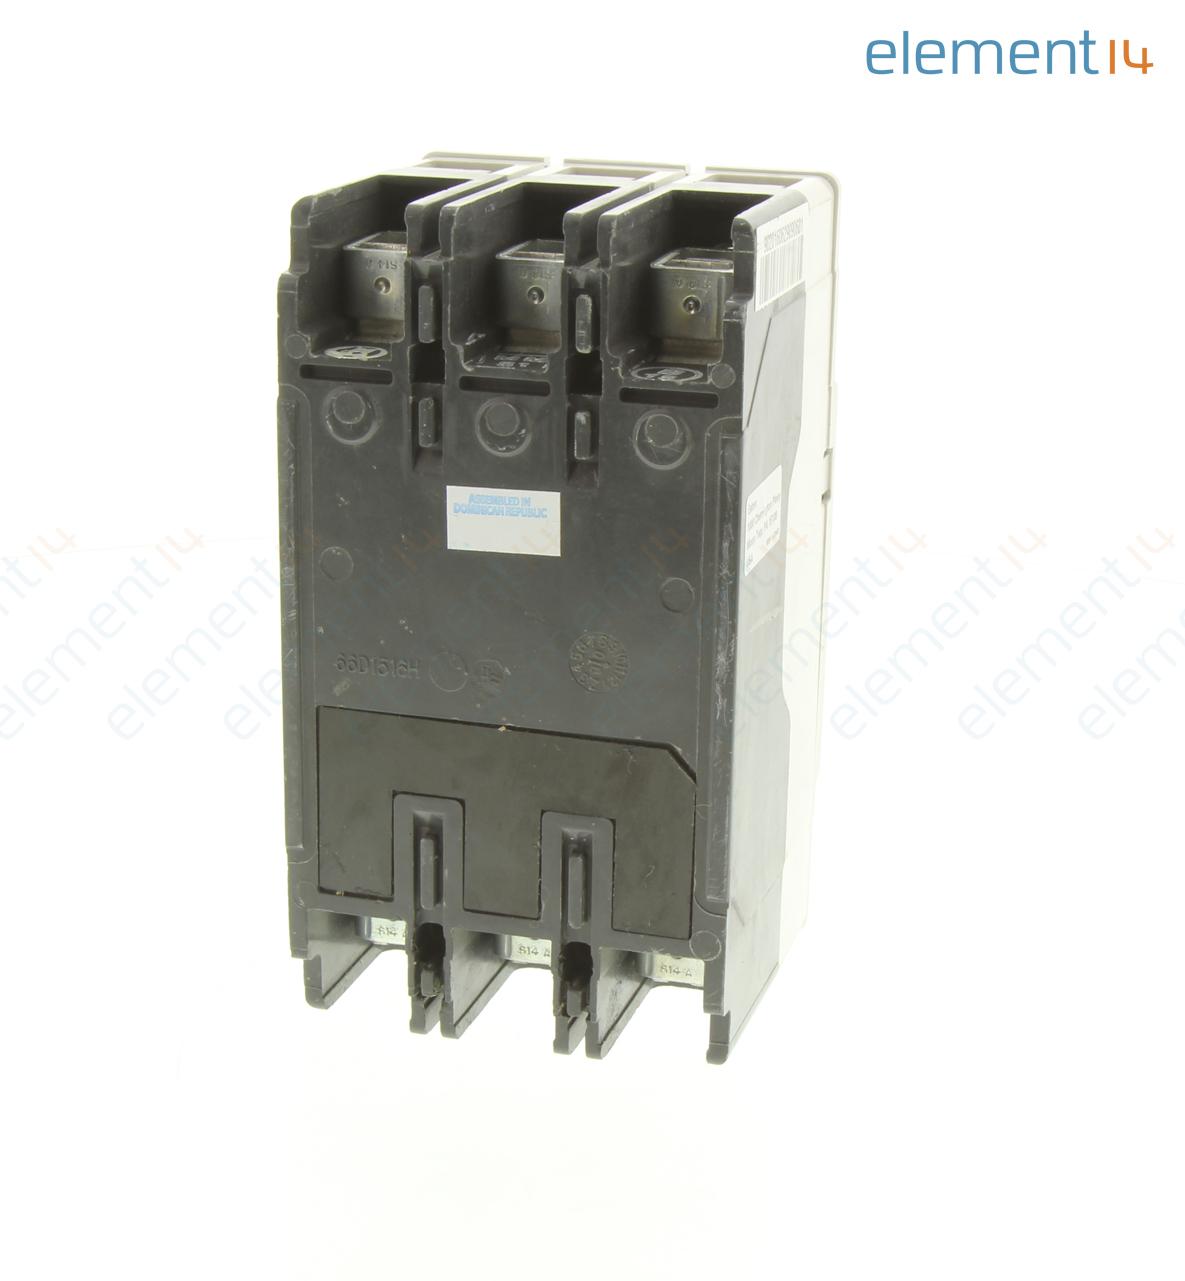 HMCPE050K2C - EATON CUTLER HAMMER - Thermal Magnetic Circuit Breaker ...